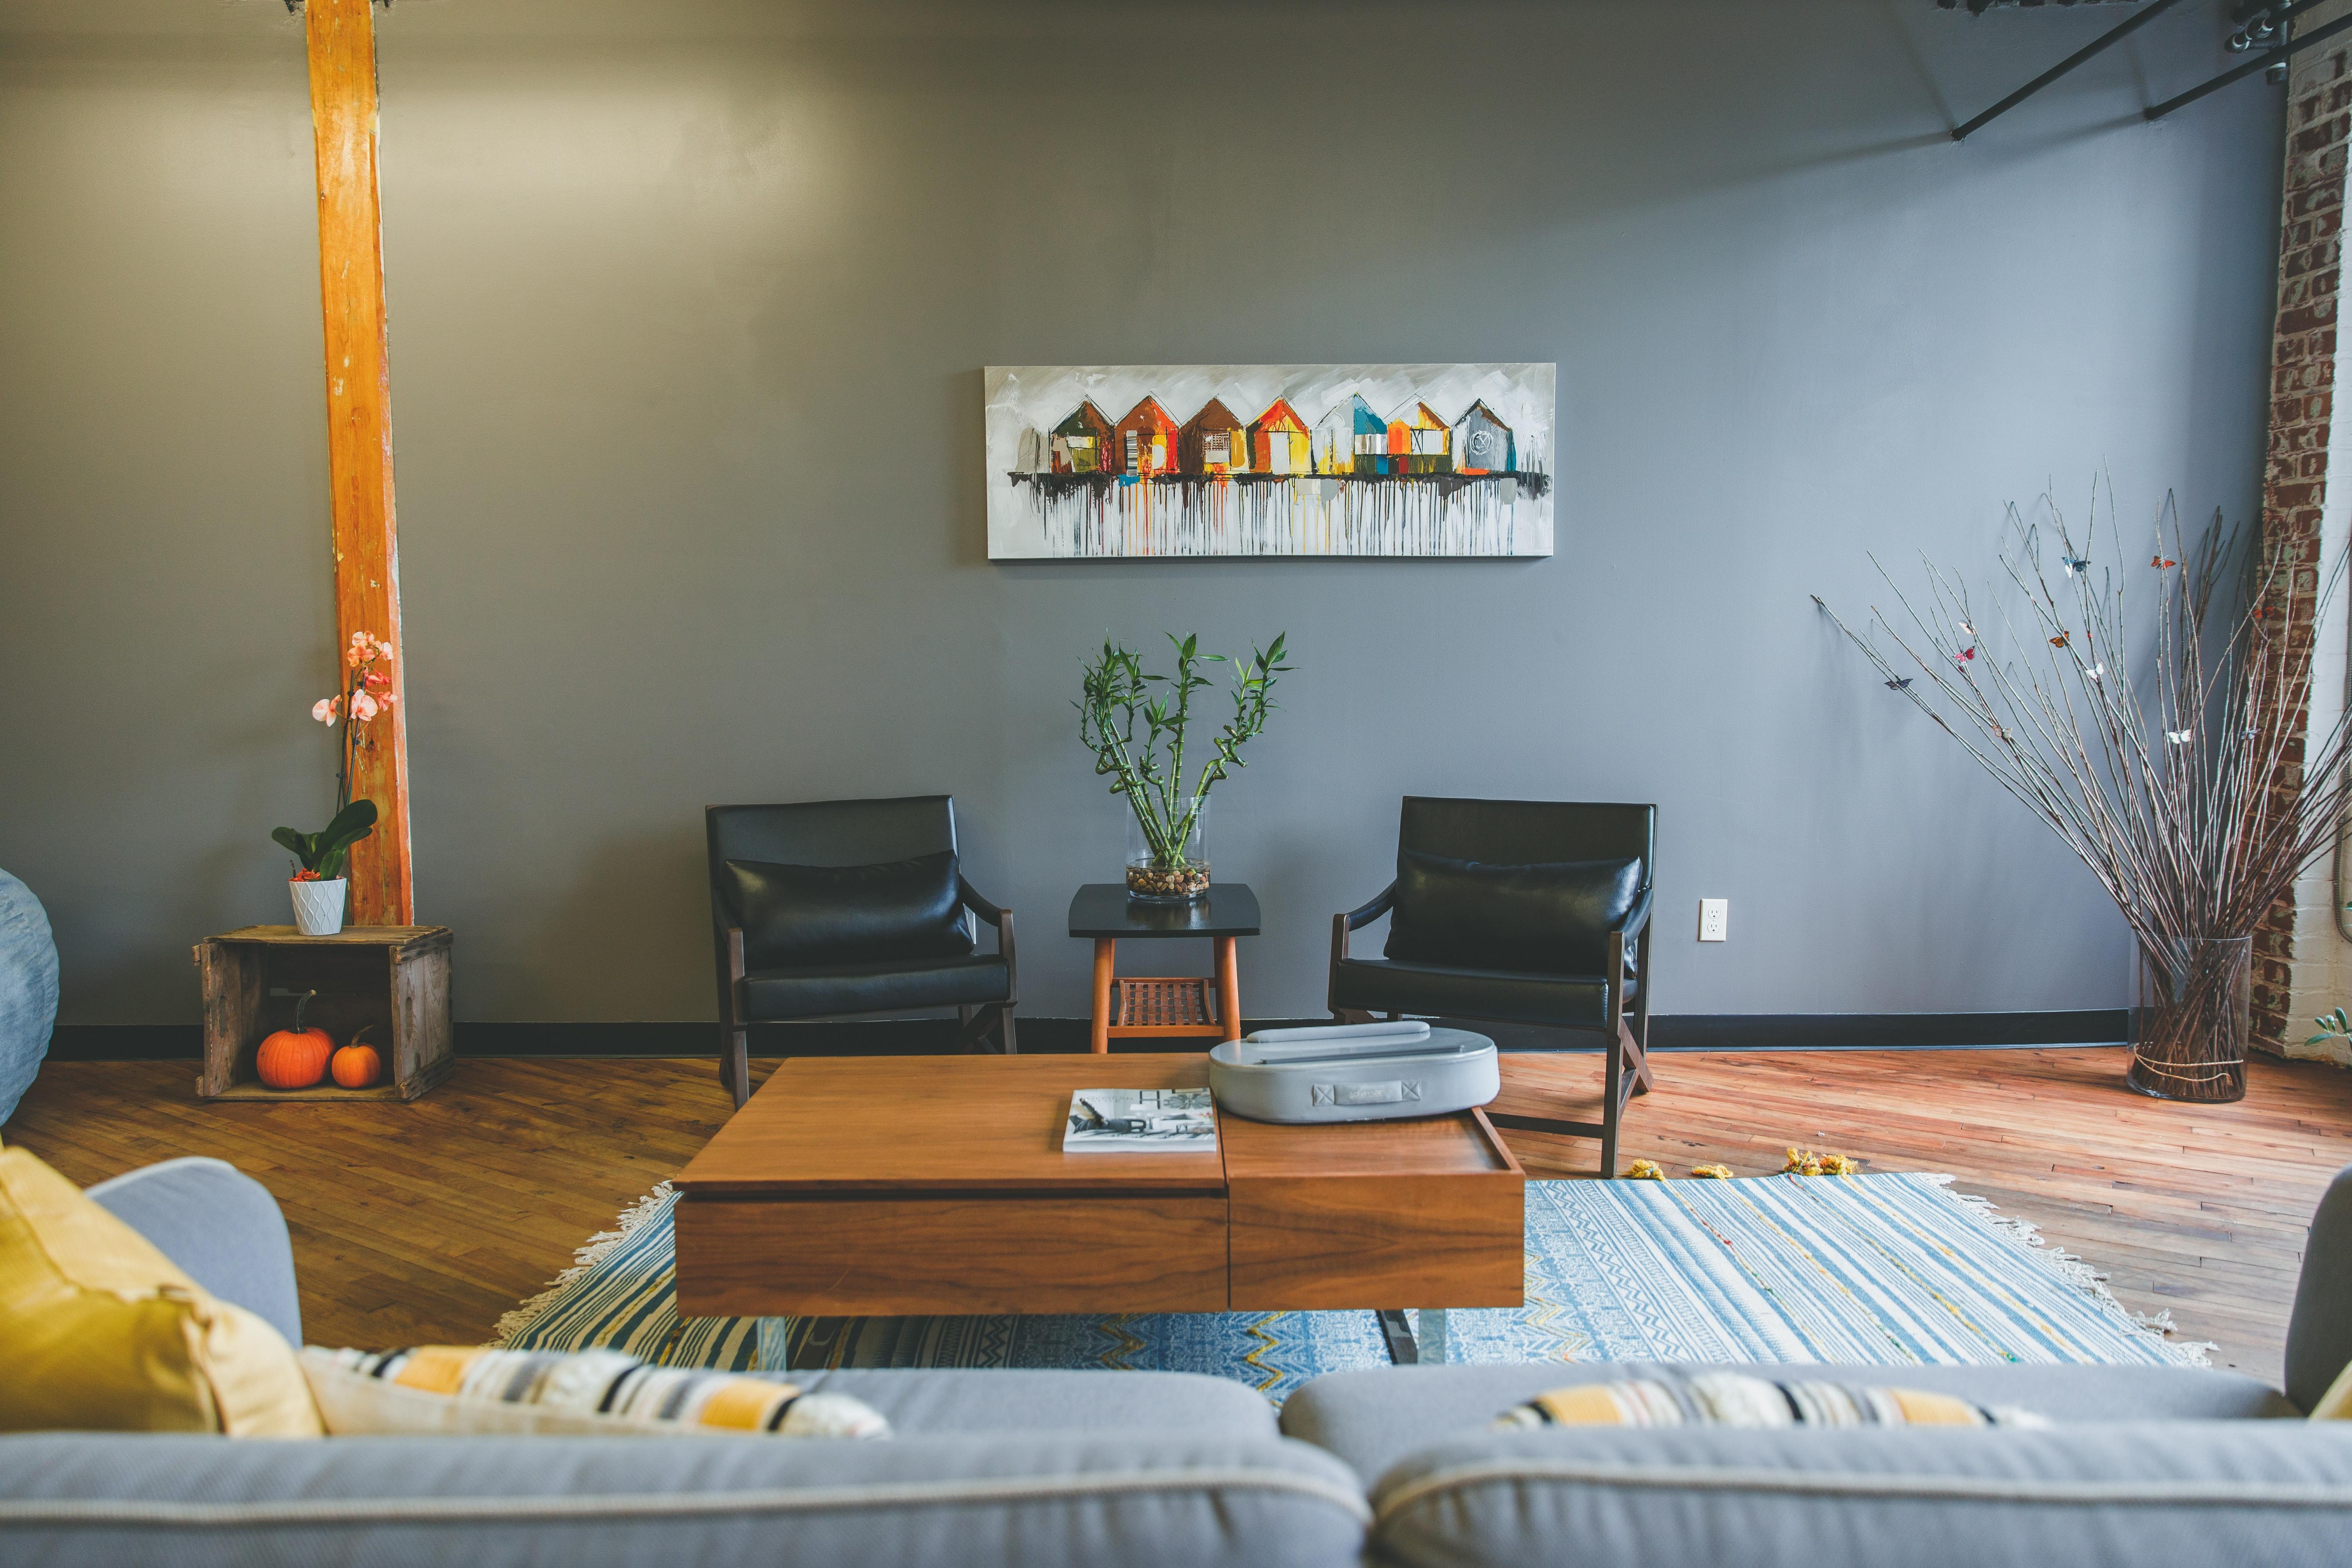 Feng Shui Im Wohnzimmer So Schafft Ihr Euch In 4 Schritten von Bilder Für Wohnzimmer Bild